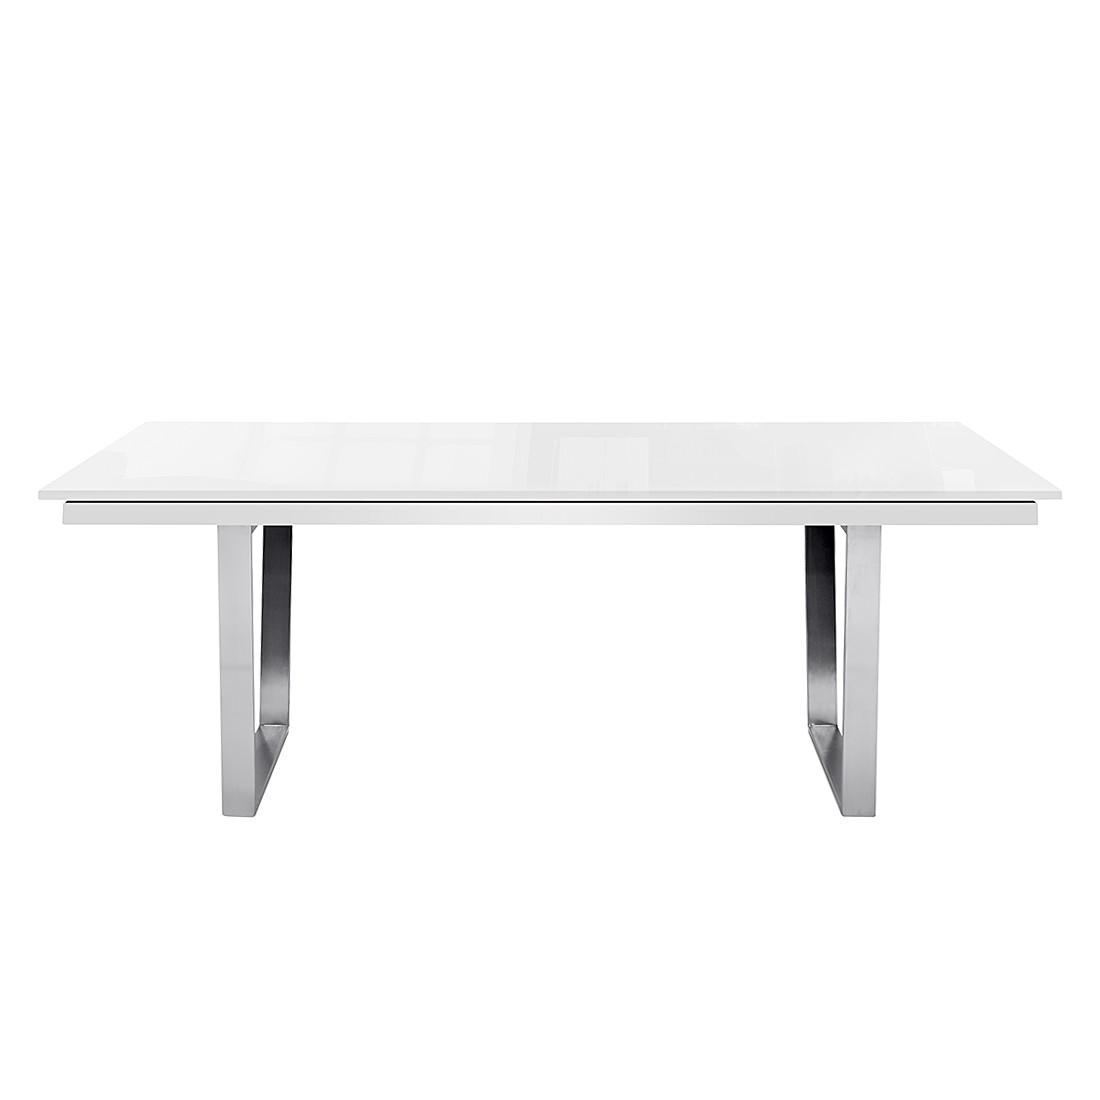 Esstisch Deck Mit Metallfuß   Hochglanz Weiß   160 X 95 Cm, Arte Mu20ac  669,99Anbieter: Home24.atVersand: Kostenlos